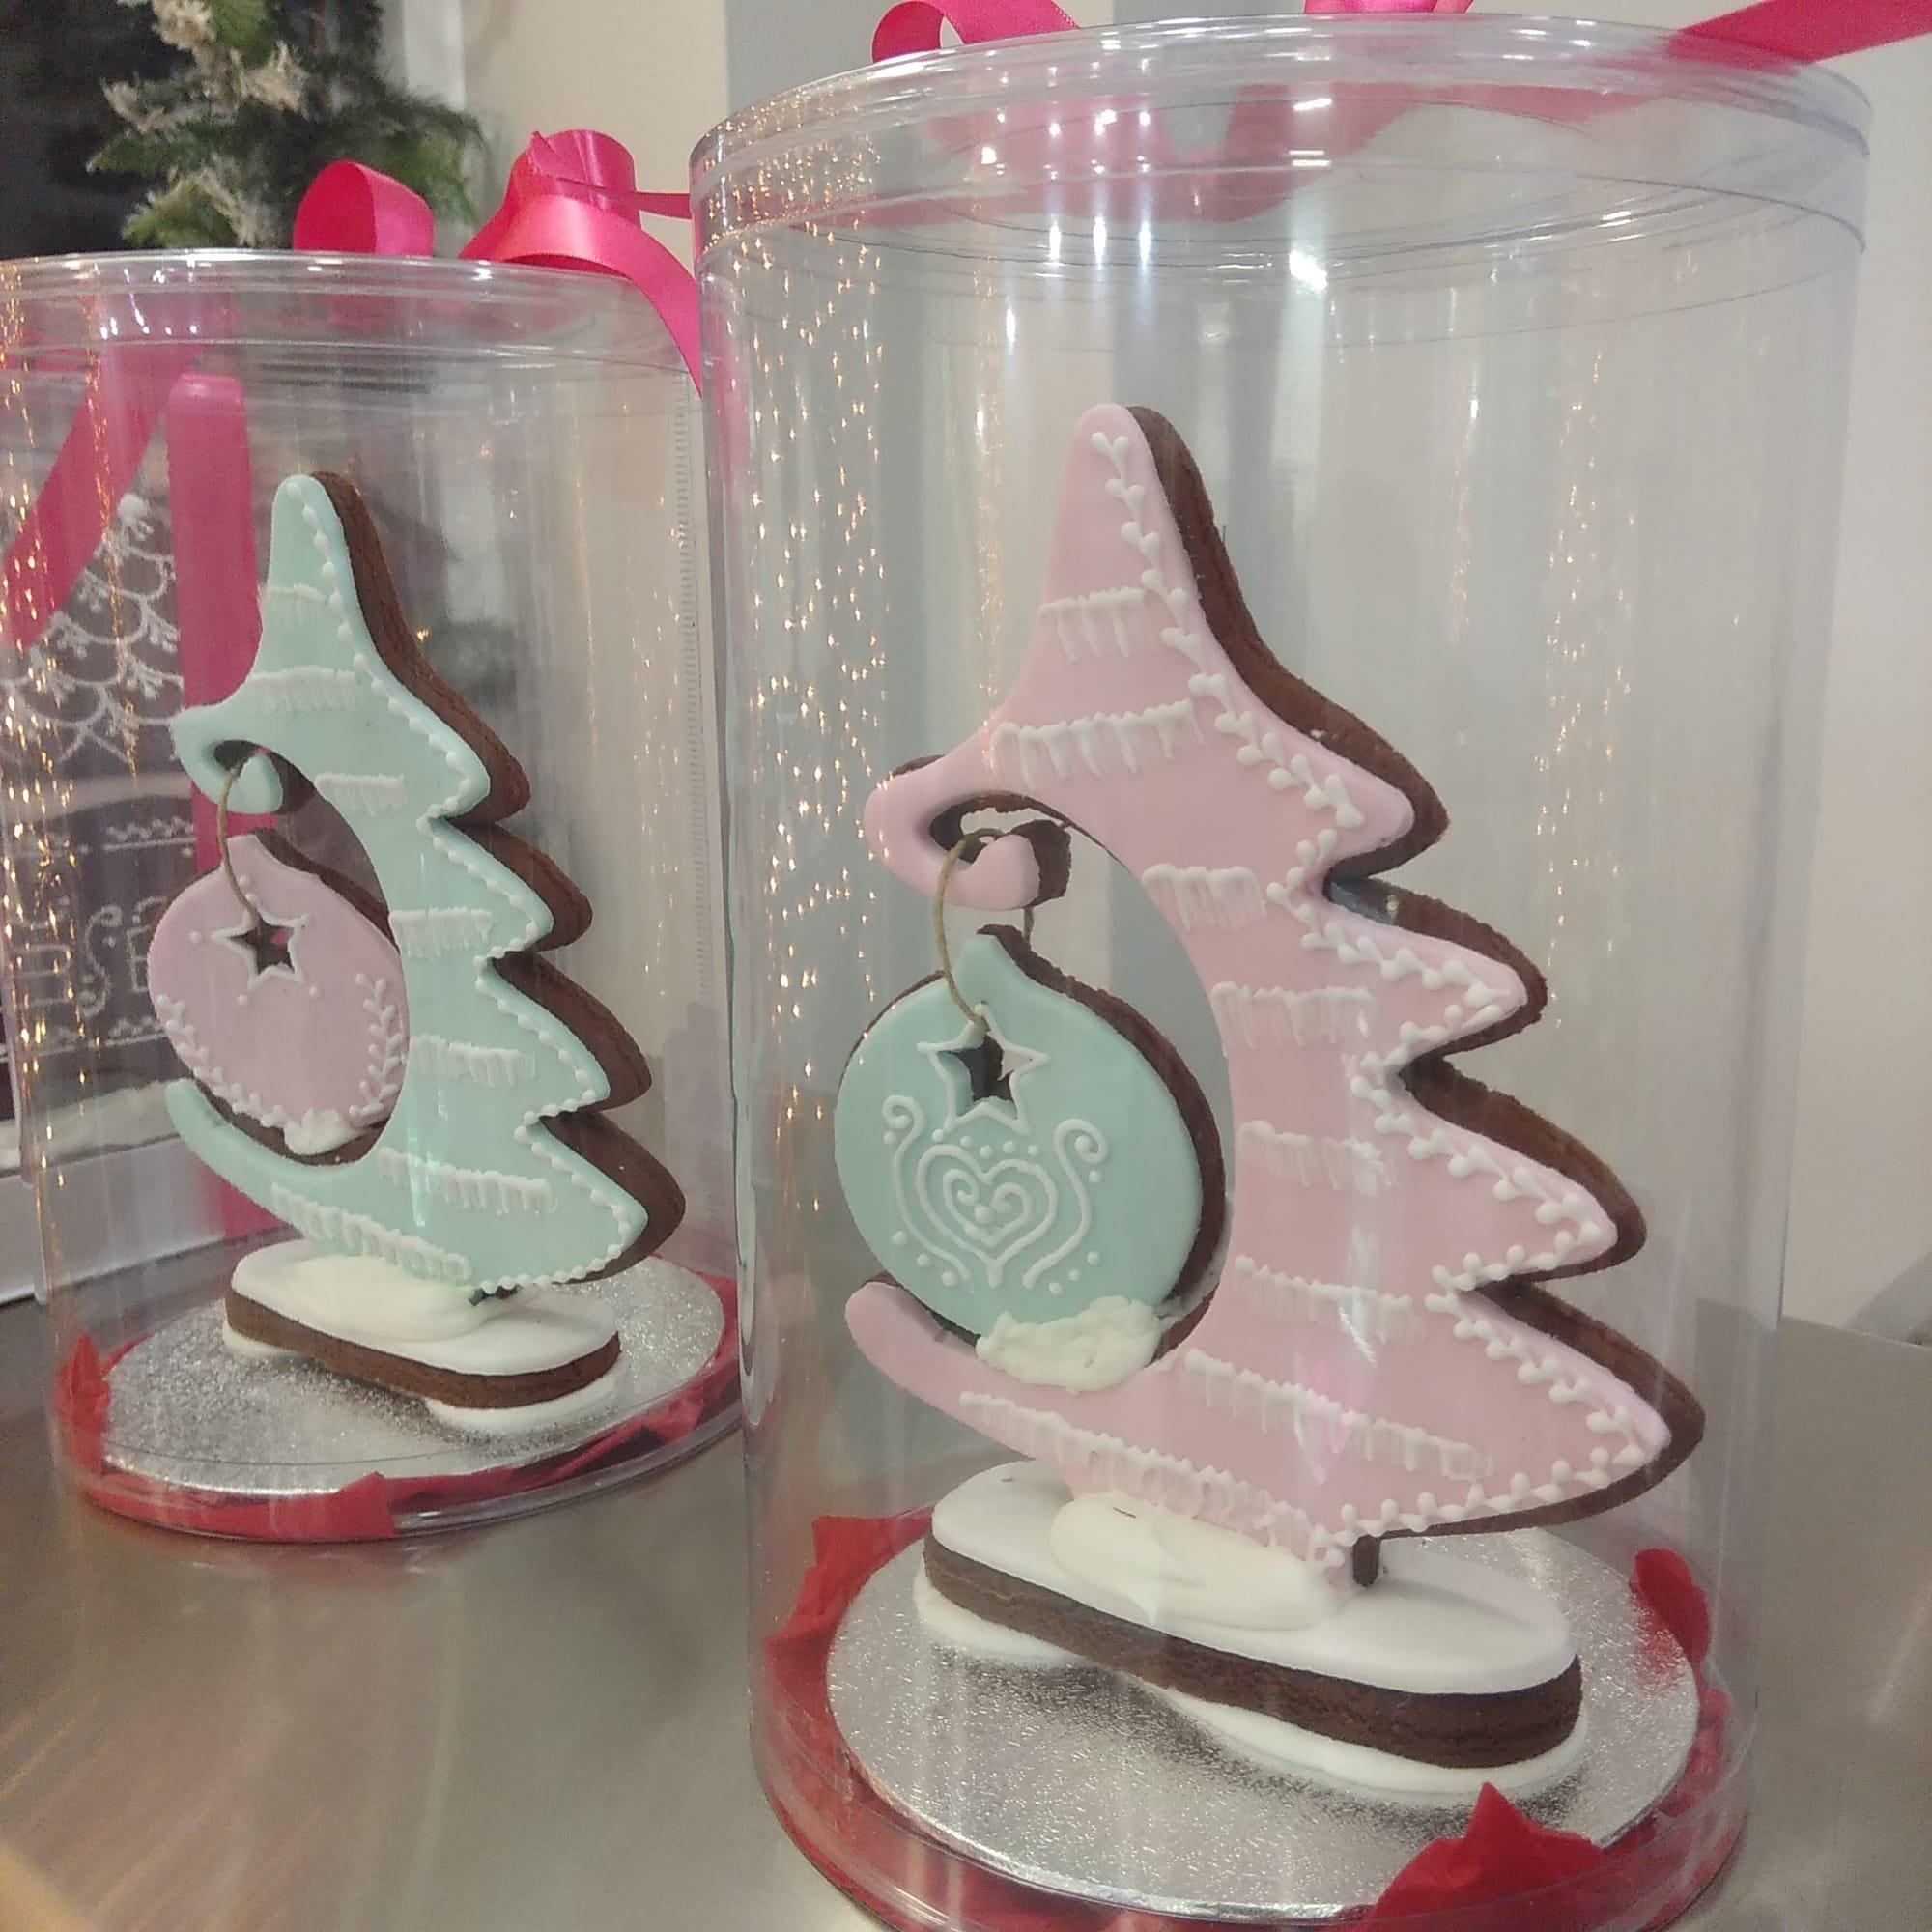 χριστουγεννιάτικο μπισκοτόδεντρο, Ζαχαροπλαστείο κοντά μου στη καλαμάτα madame charlotte, σοκολατάκια πάστες γλυκά τούρτες γεννεθλίων γάμου βάπτισης παιδικές θεματικές birthday theme party cake 2d 3d confectionery patisserie kalamata